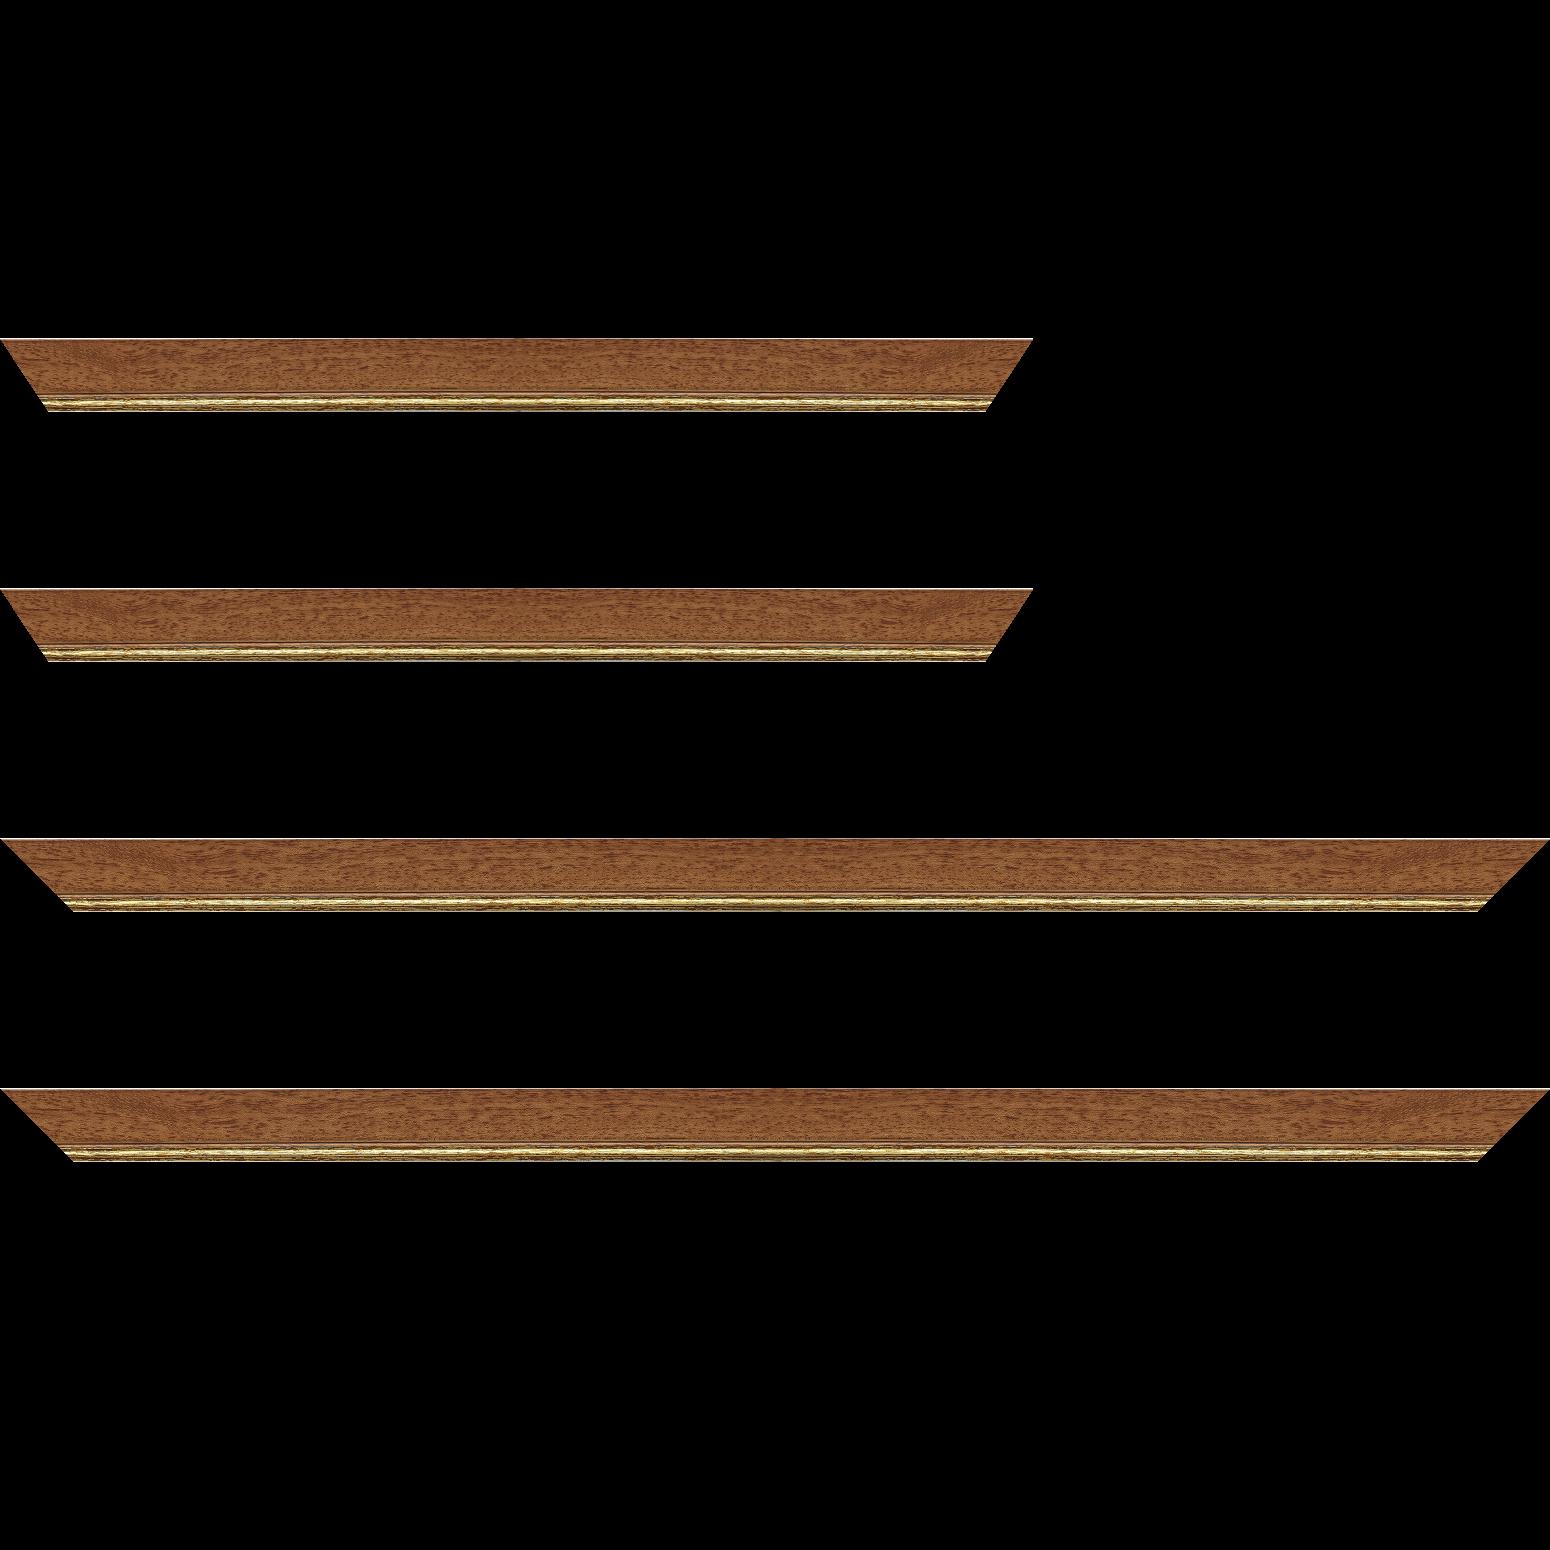 Baguette bois profil plat largeur 2.5cm couleur marron ton bois filet or